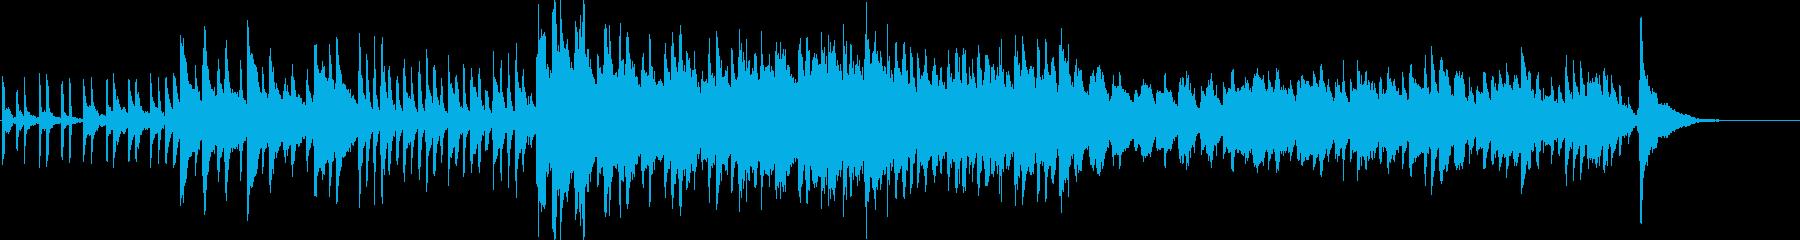 不思議な、ミステリー感のある3拍子の曲の再生済みの波形